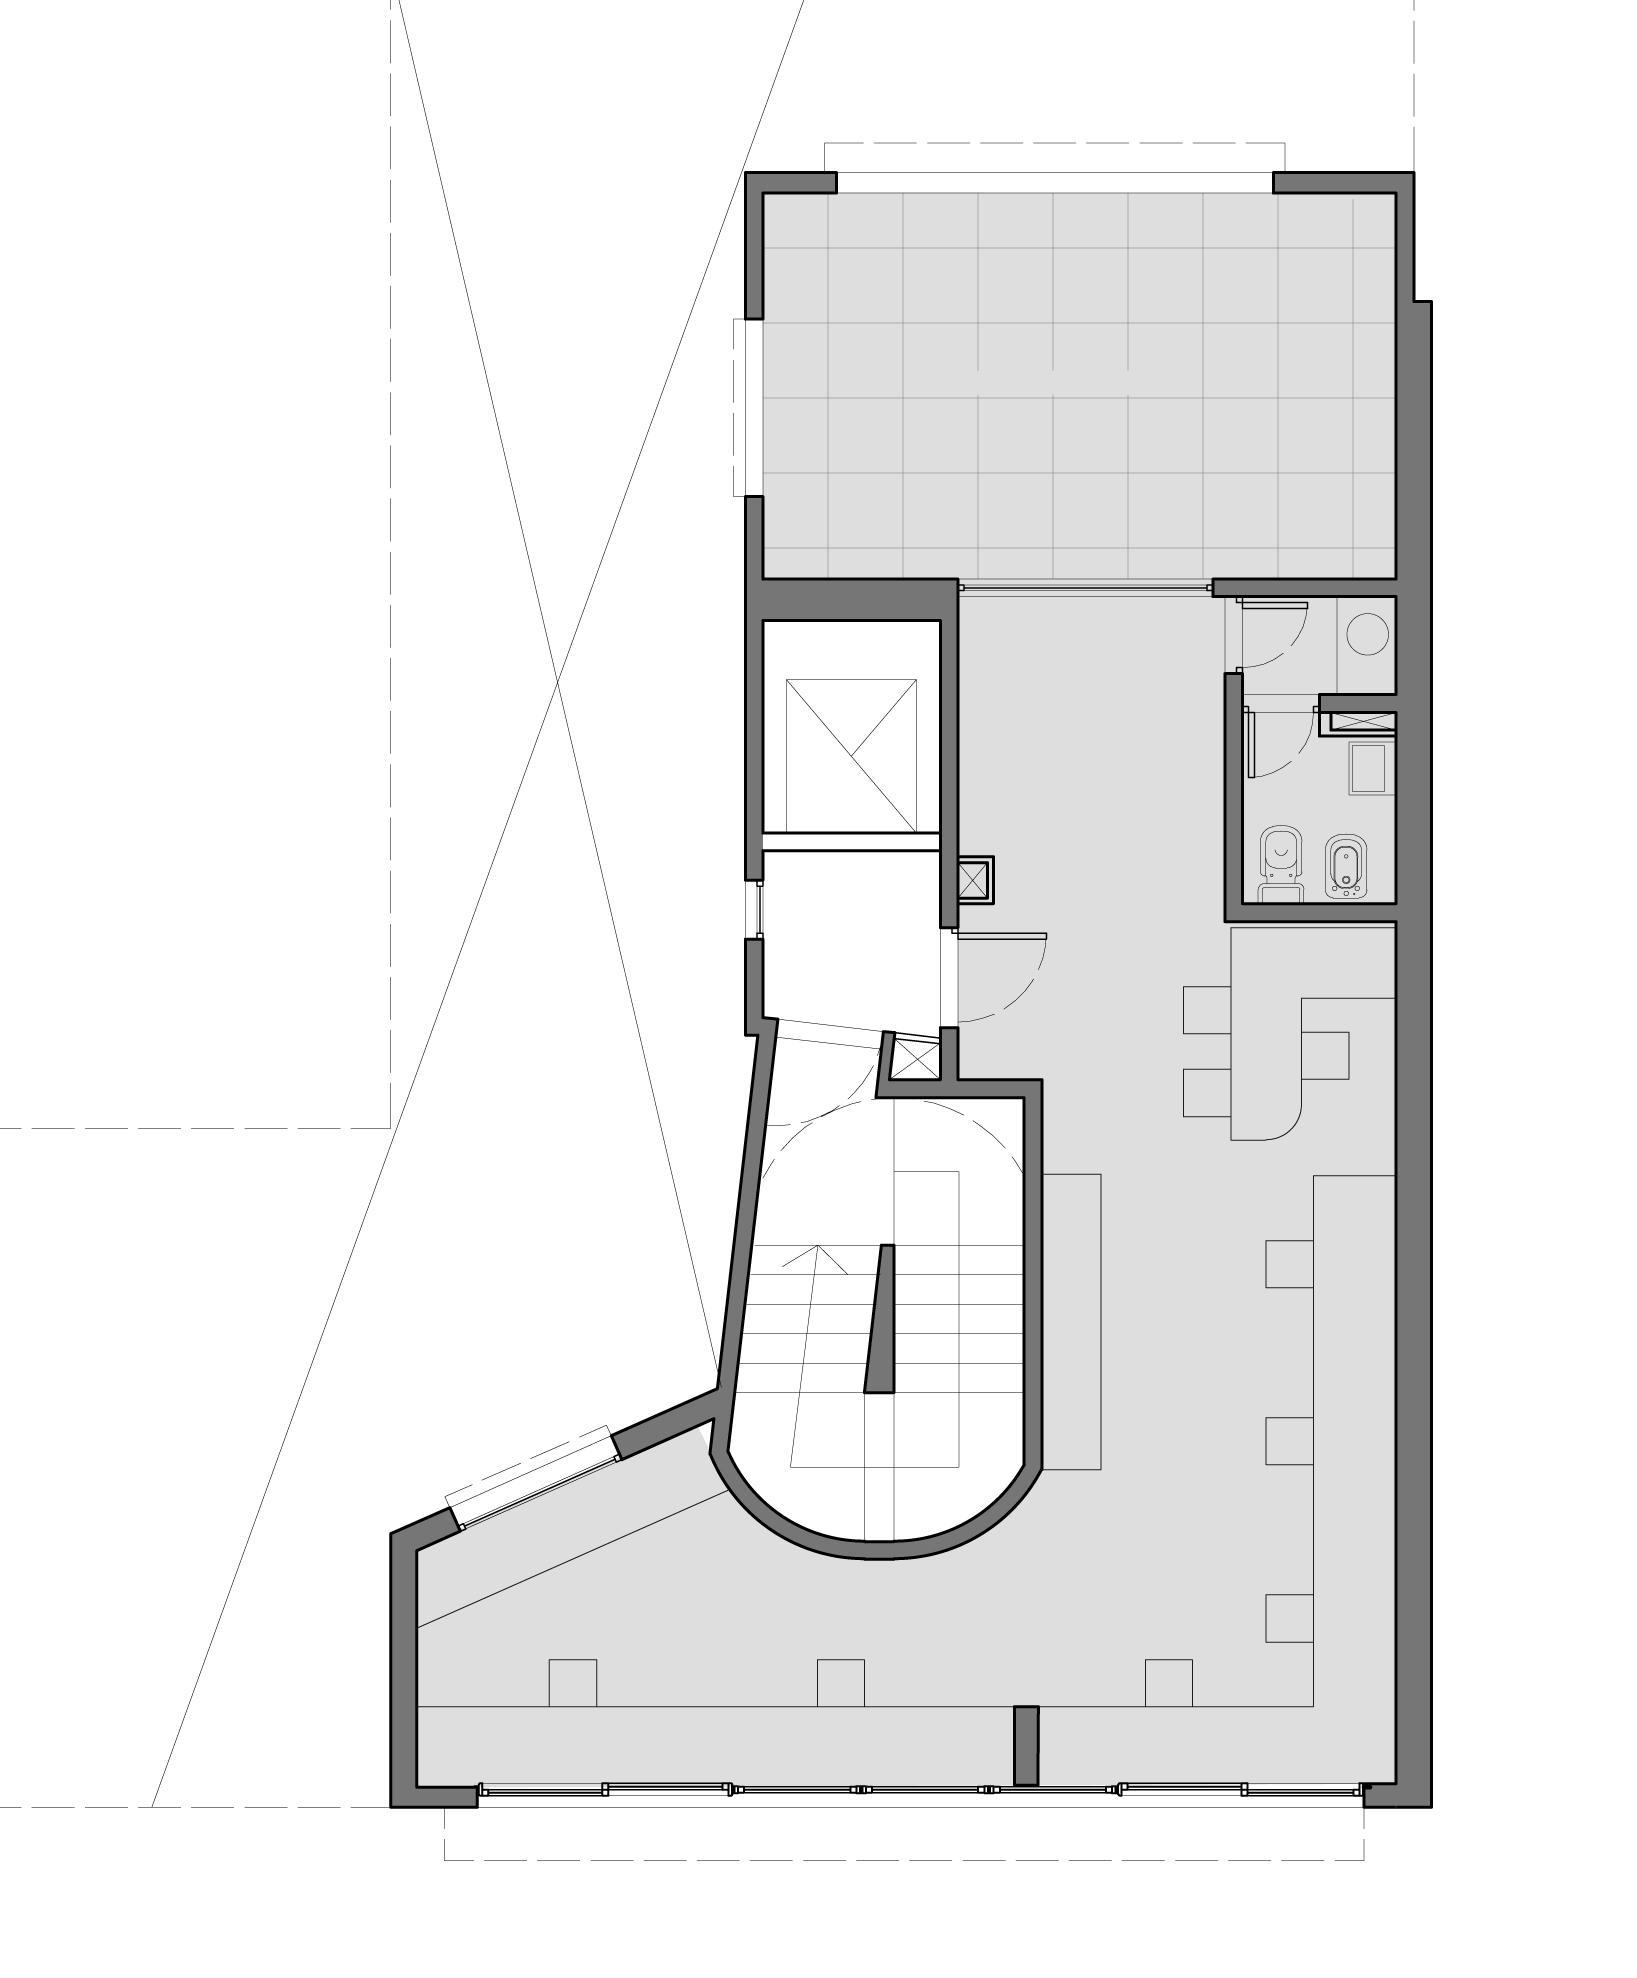 Venta departamento 2 dormitorios Rosario, Centro. Cod CBU8352 AP657681. Crestale Propiedades